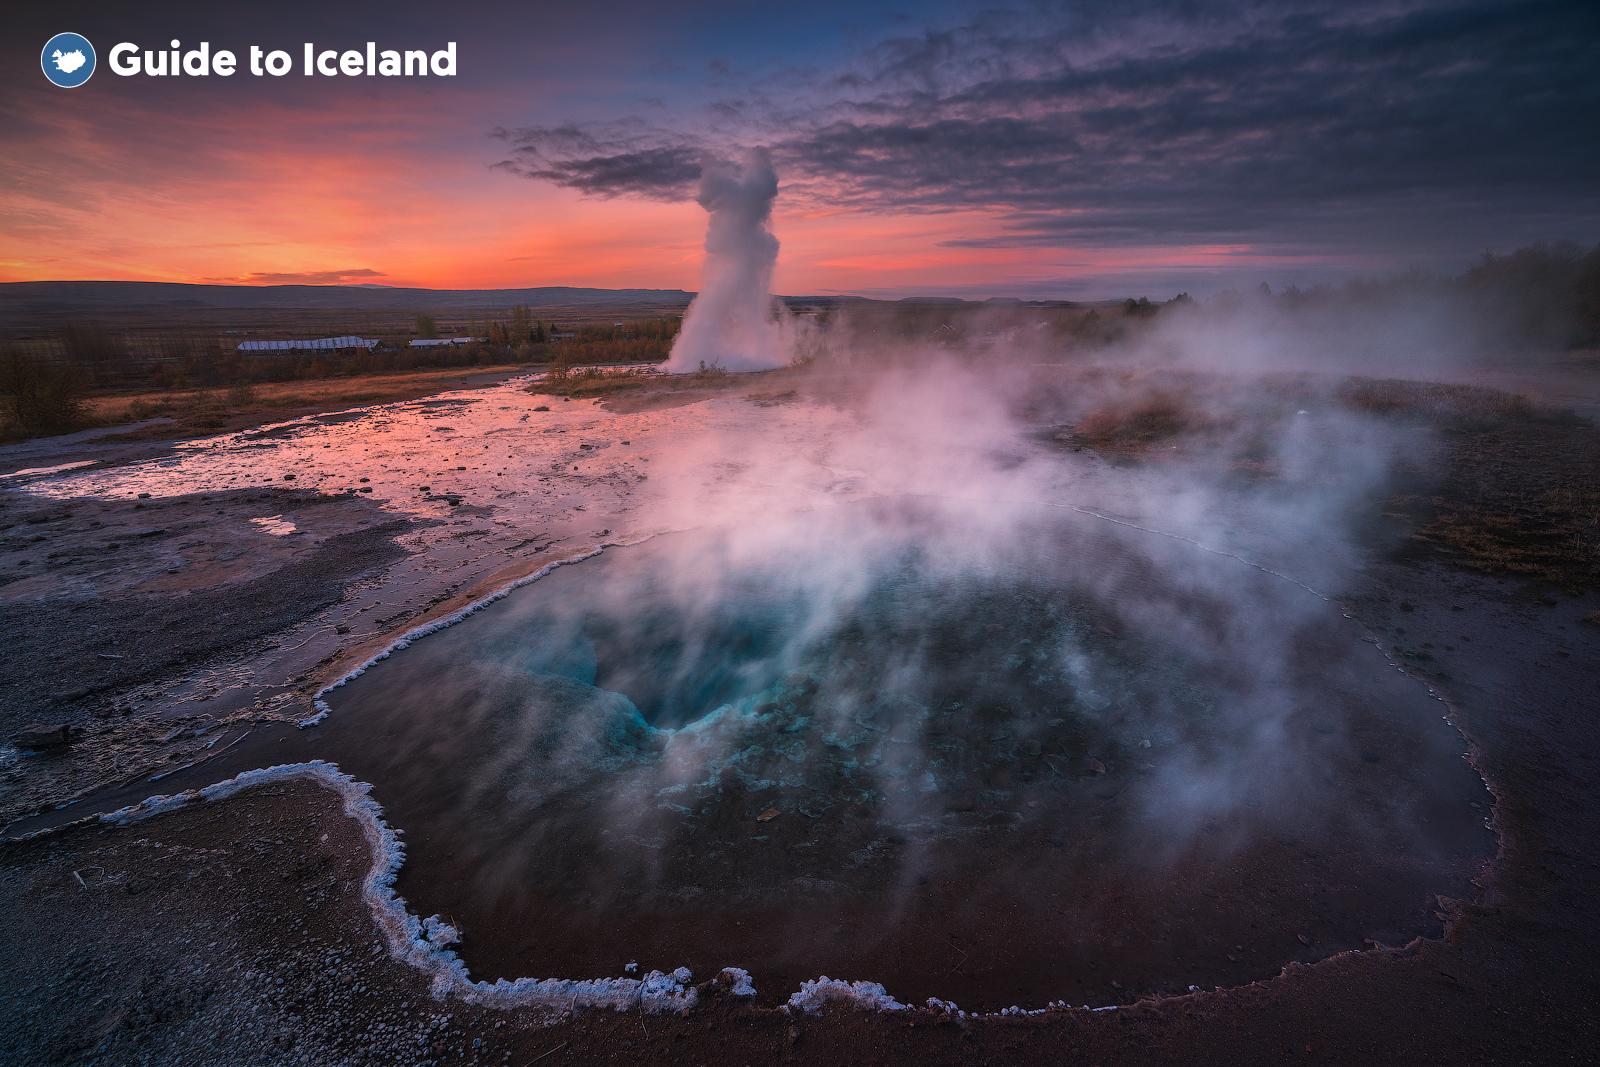 Passez trois jours à voyager vers les attractions les plus populaires d'Islande, comme celles sur la route du Cercle d'Or, lors d'un autotour hivernal.